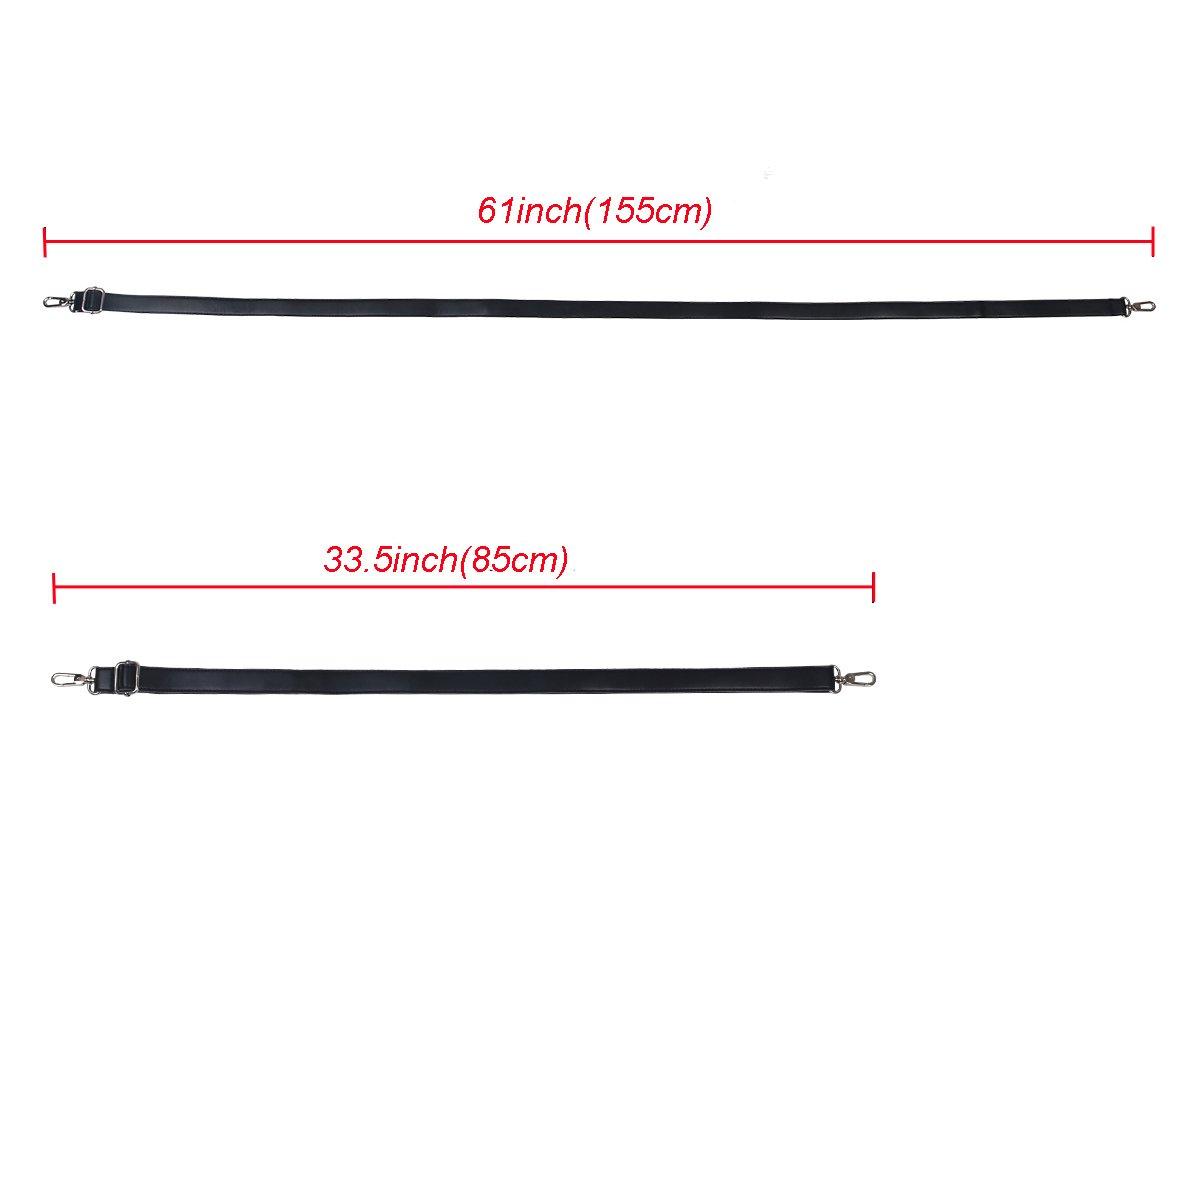 Black Leather Shoulder Strap BOMKEE 61 Inch Universal Replacement Adjustable with Metal Swivel Hooks for Shoulder Crossbody Bag Briefcase Messenger Bag Wallet Purse Shoulder Bag Handbag Straps